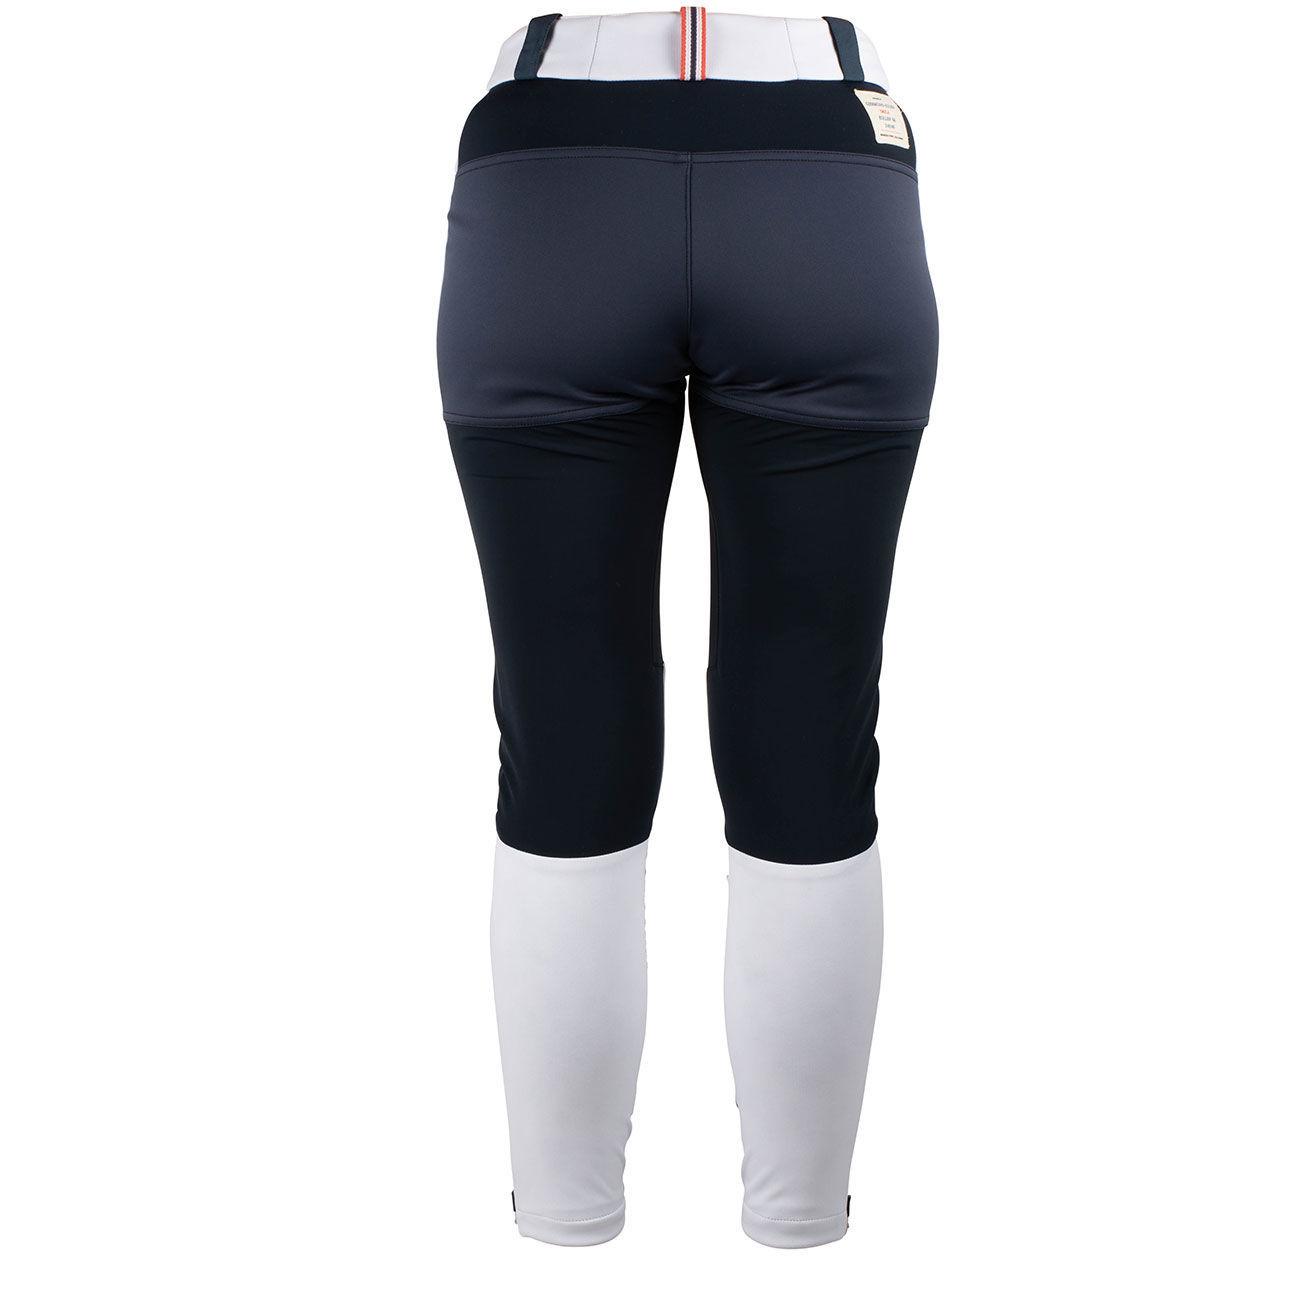 Bilde av Amundsen 5mila pants women white WPA08.1.001